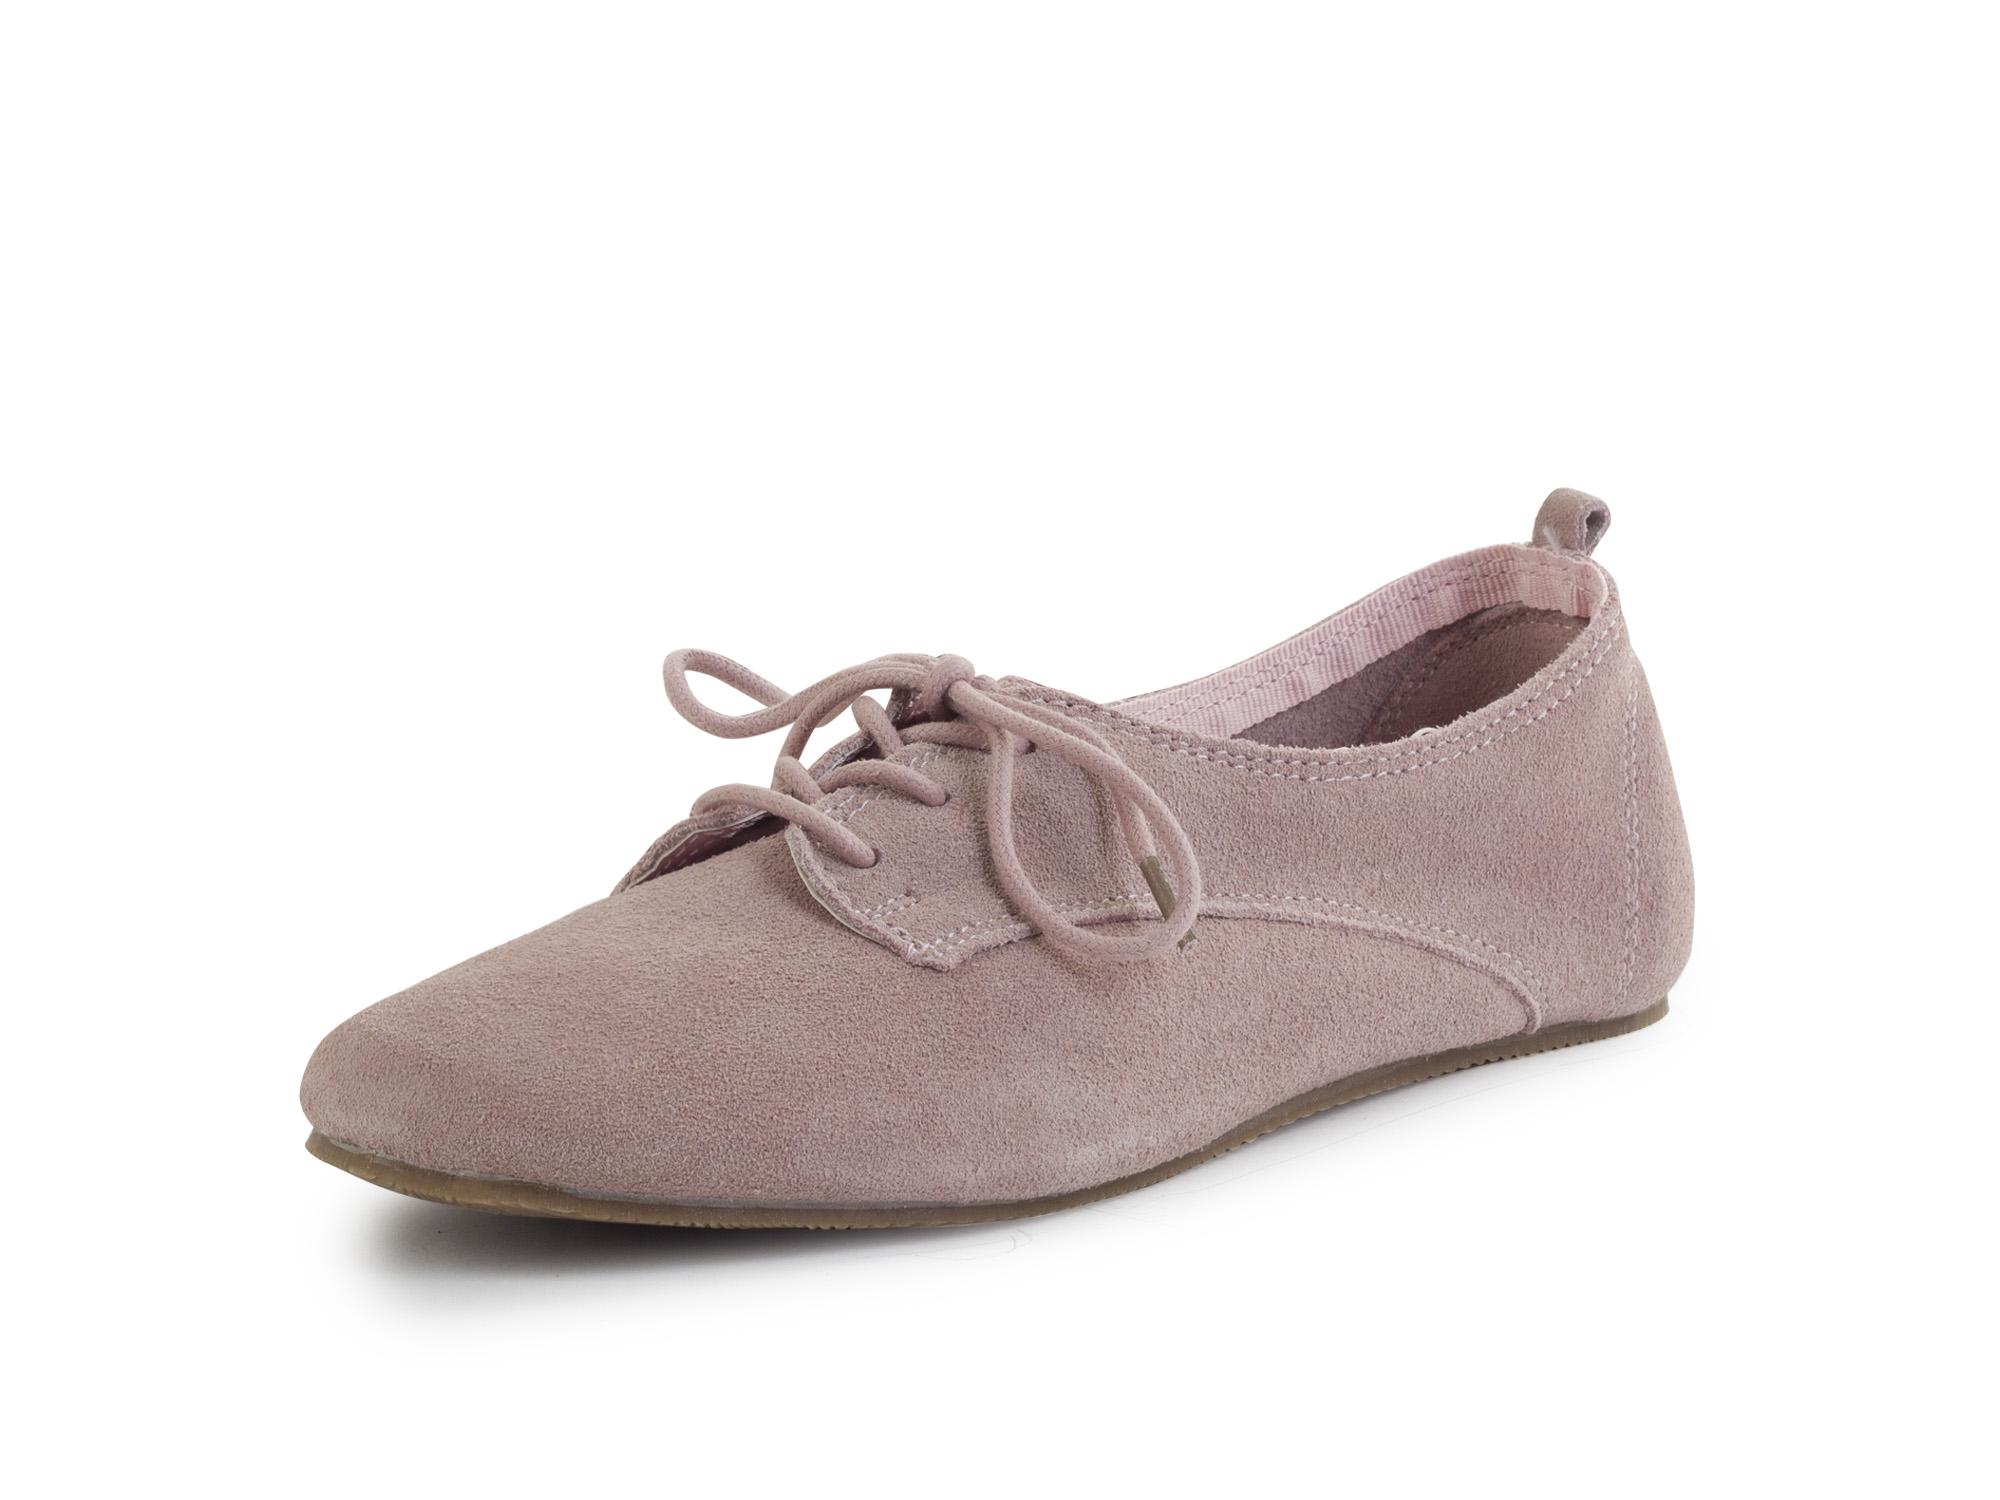 Женские ботинки на весну 2 15 - купить в интернет